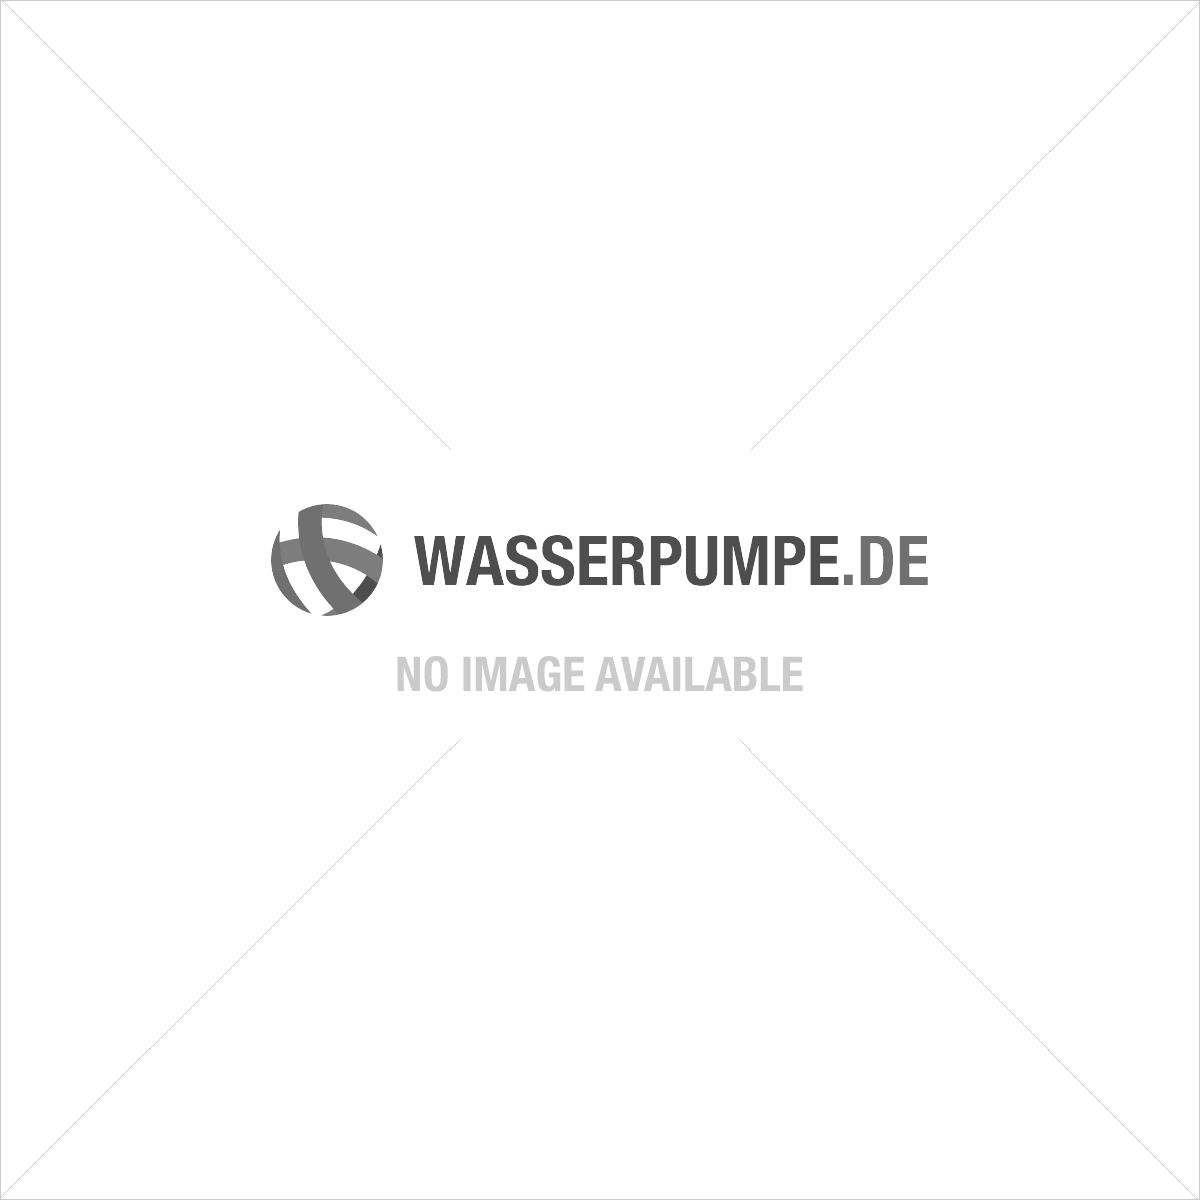 DAB Fekabox 110 Abfallwasserhebeanlage (Behälter)